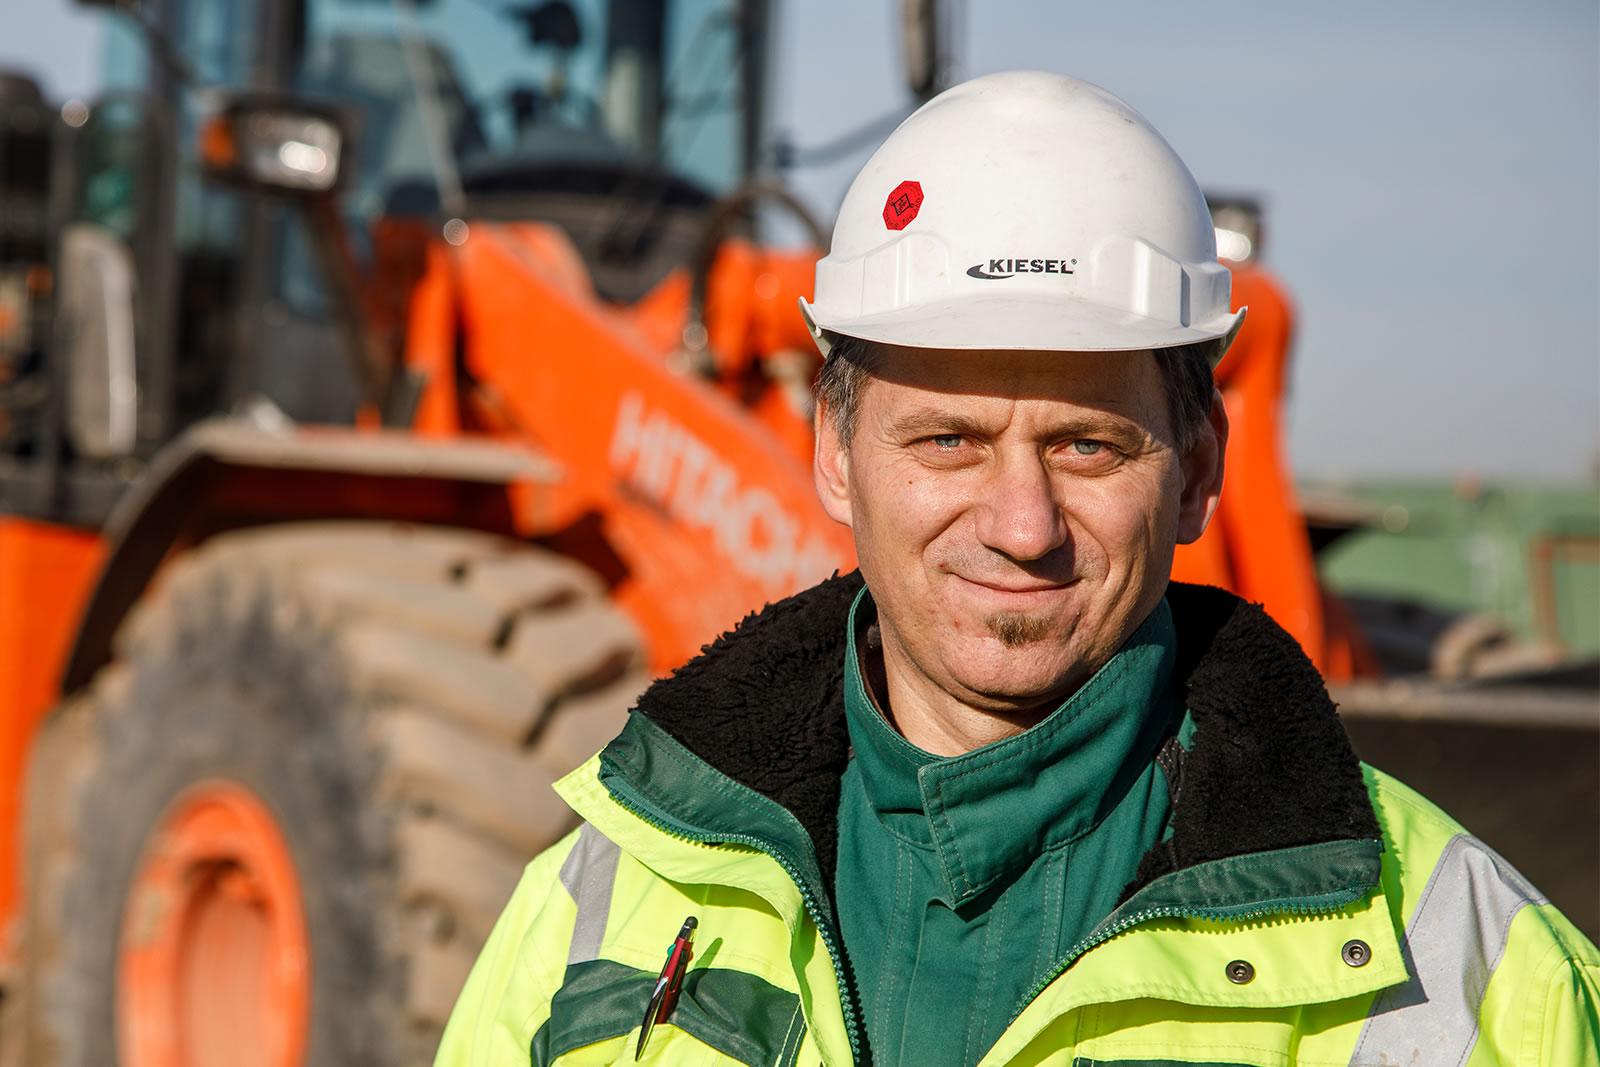 Hitachi ZW310-6 wheel loader Operator Milanko Milivojević